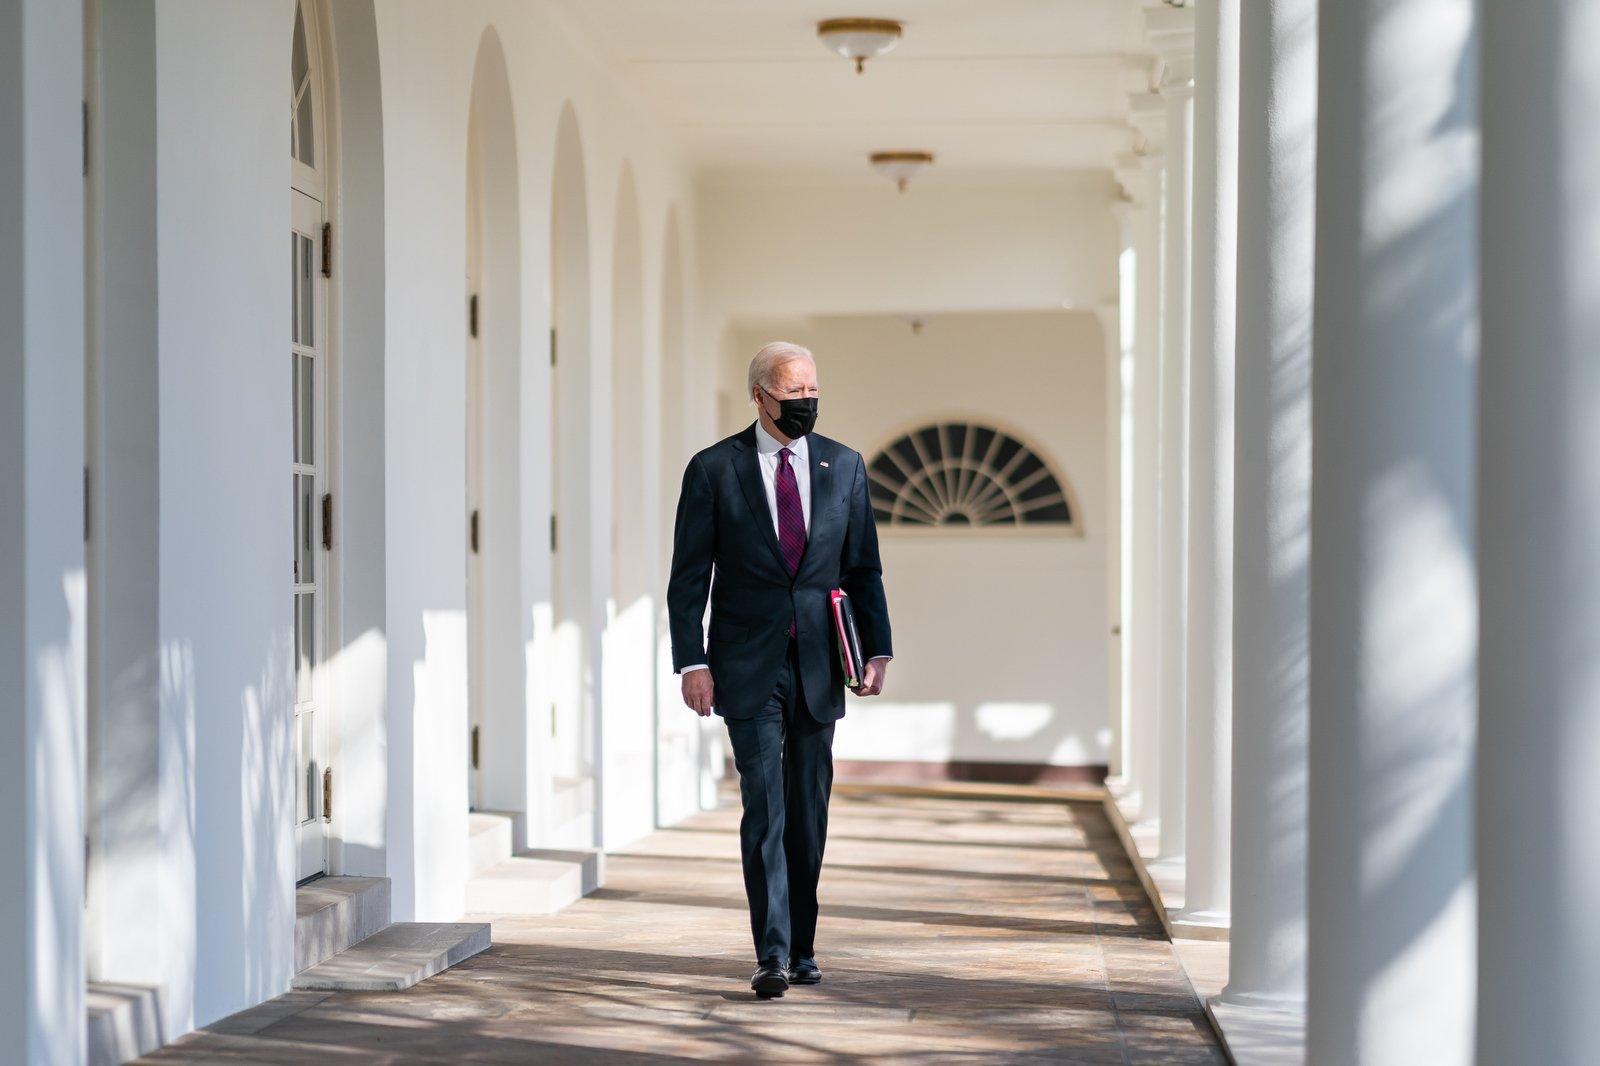 Biden walking through the White House